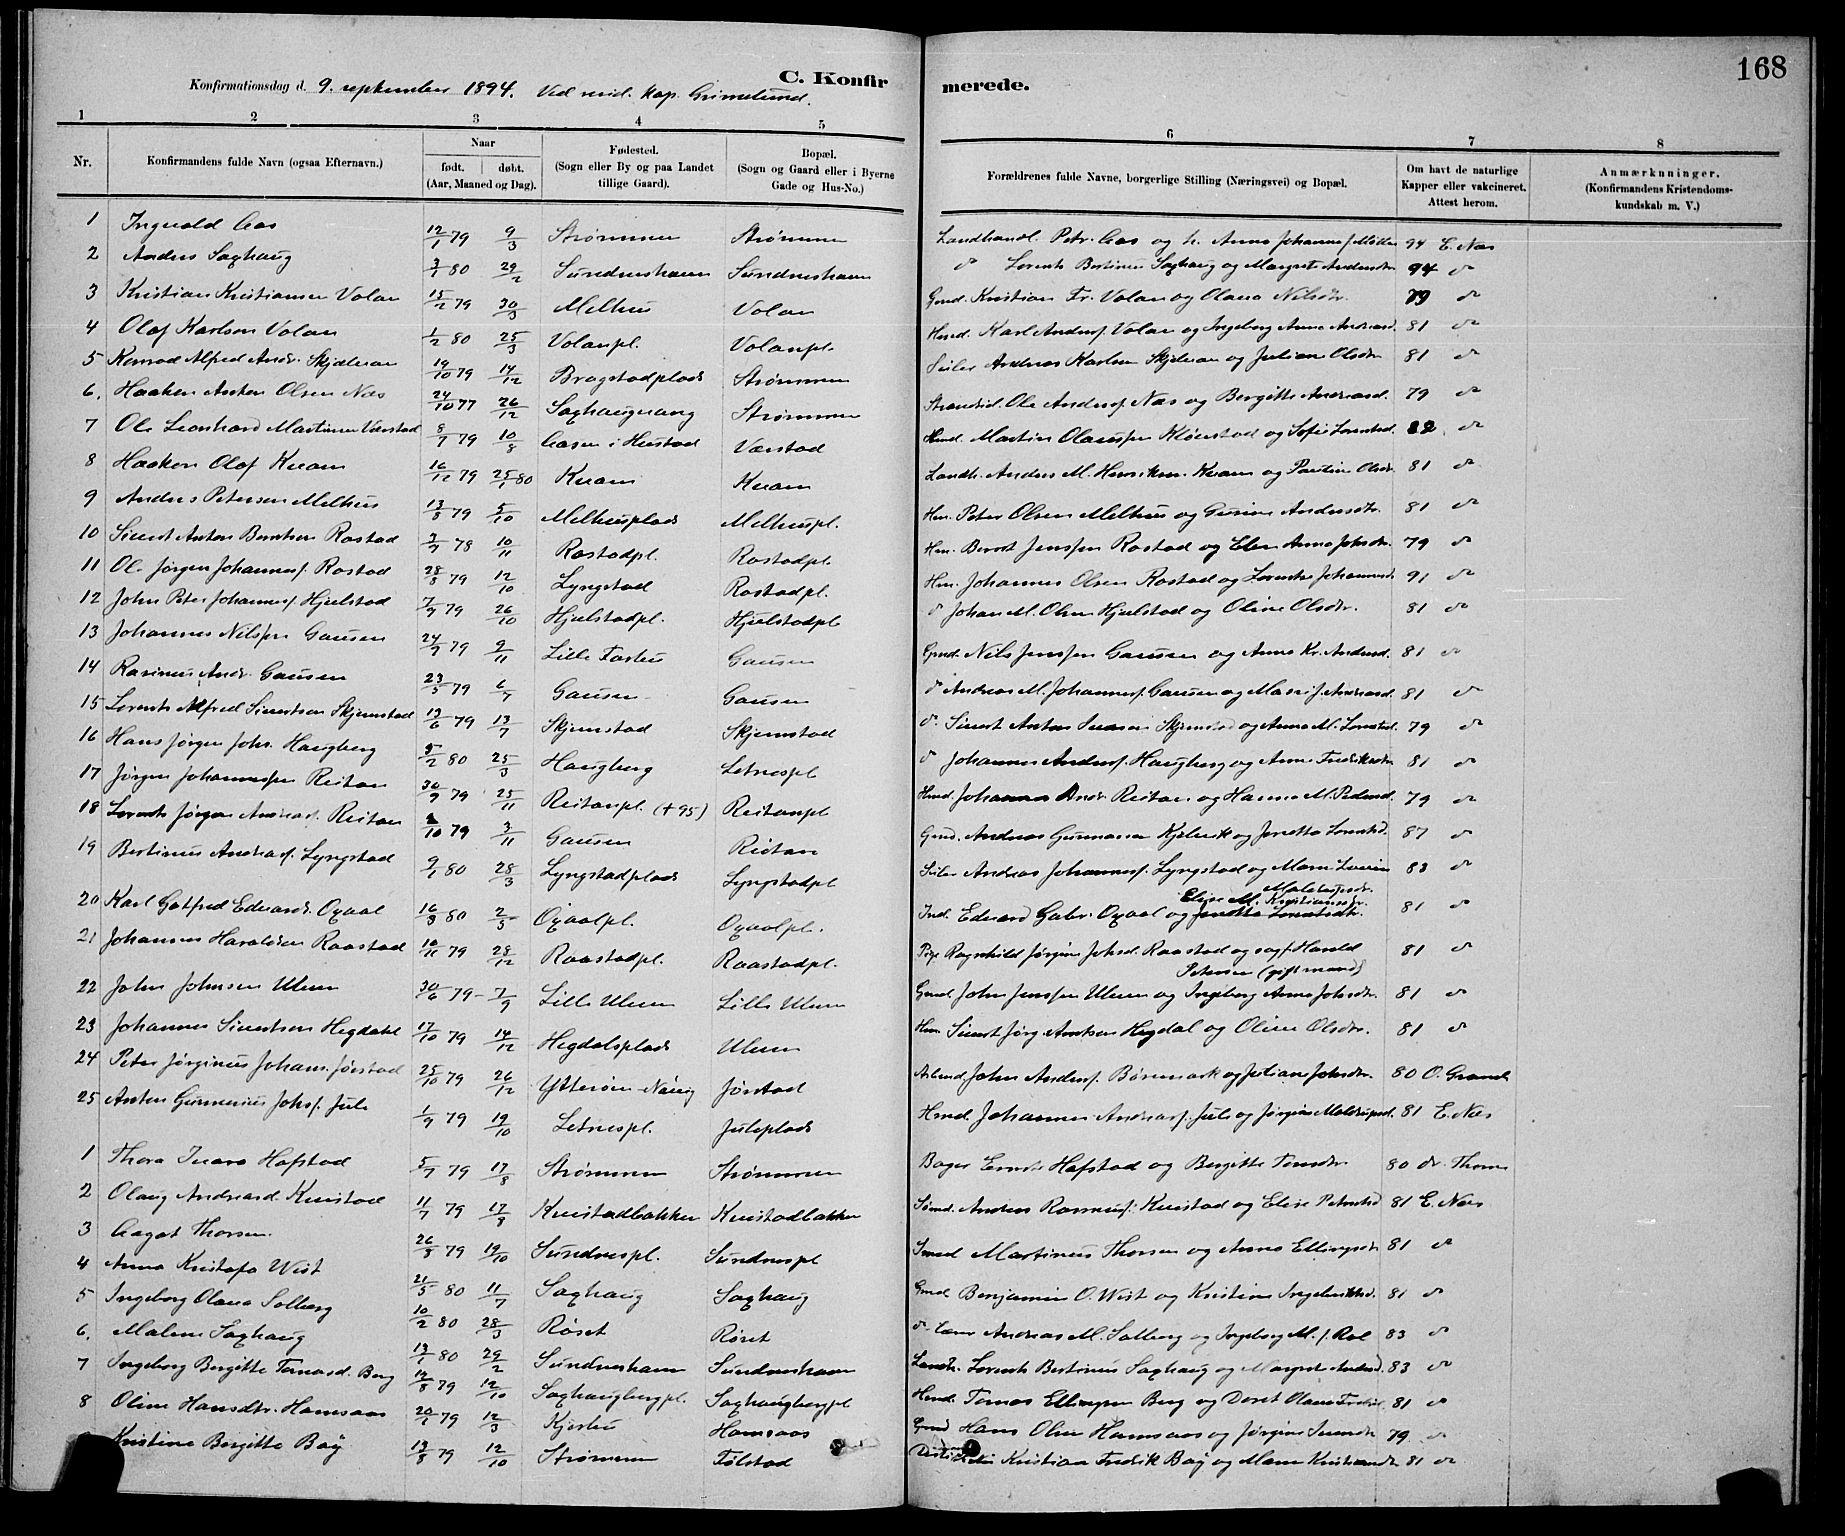 SAT, Ministerialprotokoller, klokkerbøker og fødselsregistre - Nord-Trøndelag, 730/L0301: Klokkerbok nr. 730C04, 1880-1897, s. 168